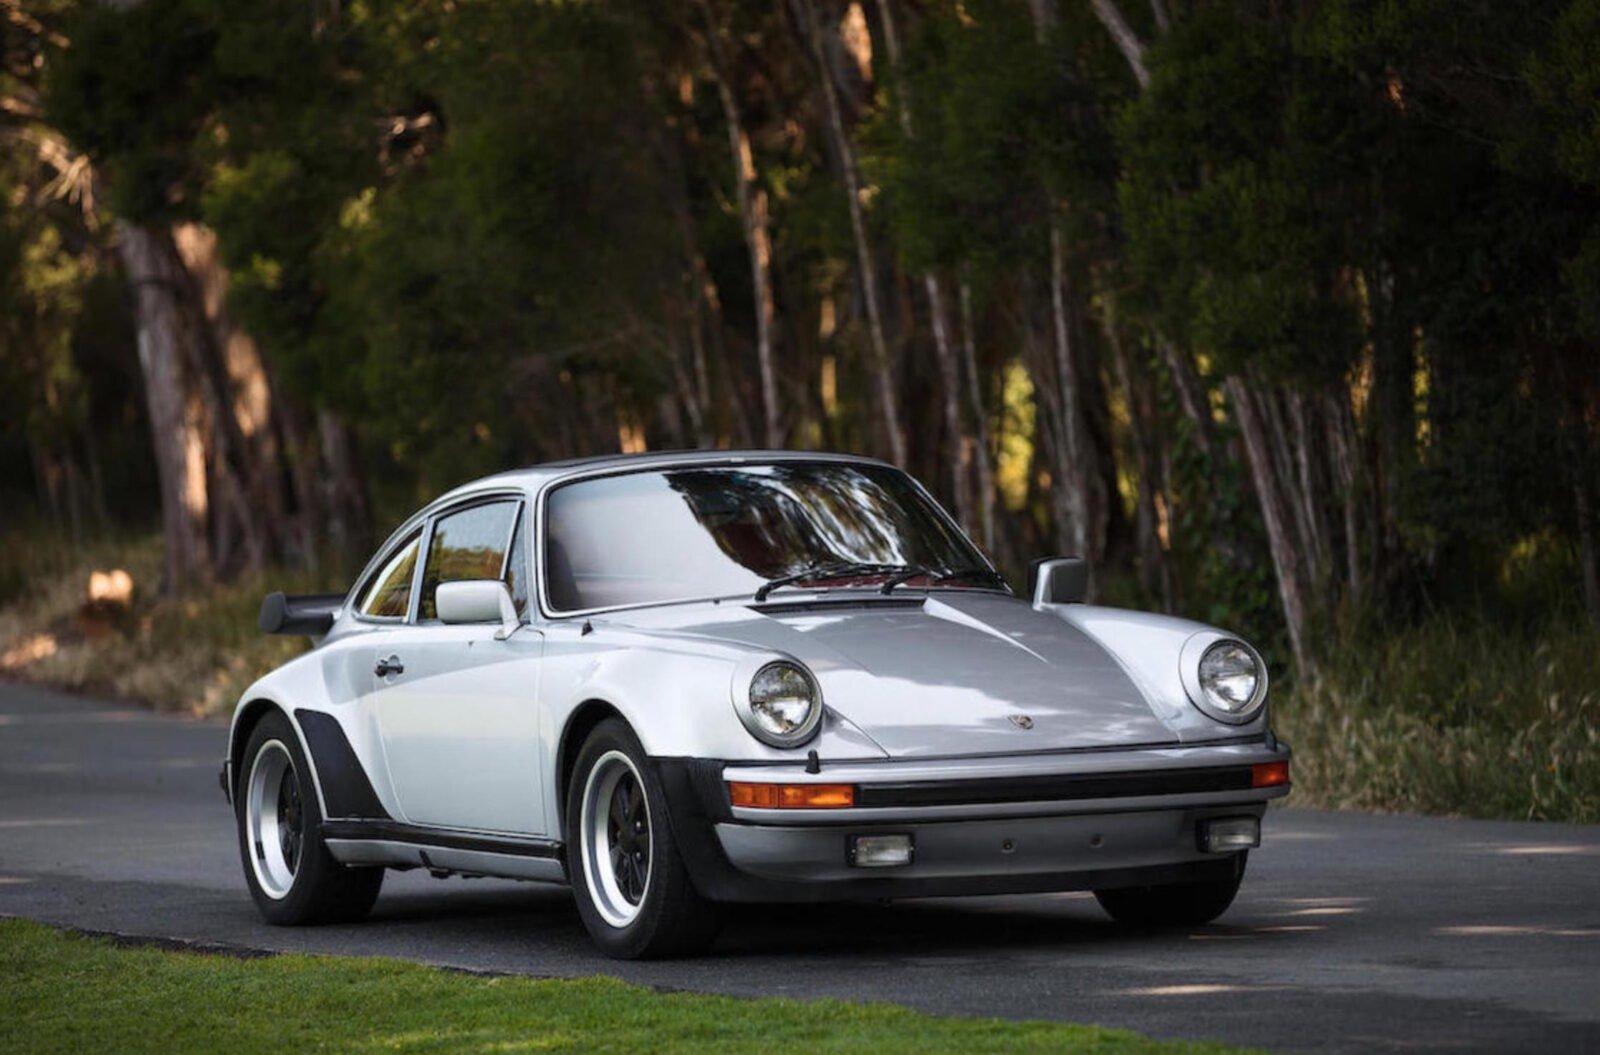 Porsche 930 14 1600x1055 - 1978 Porsche 930